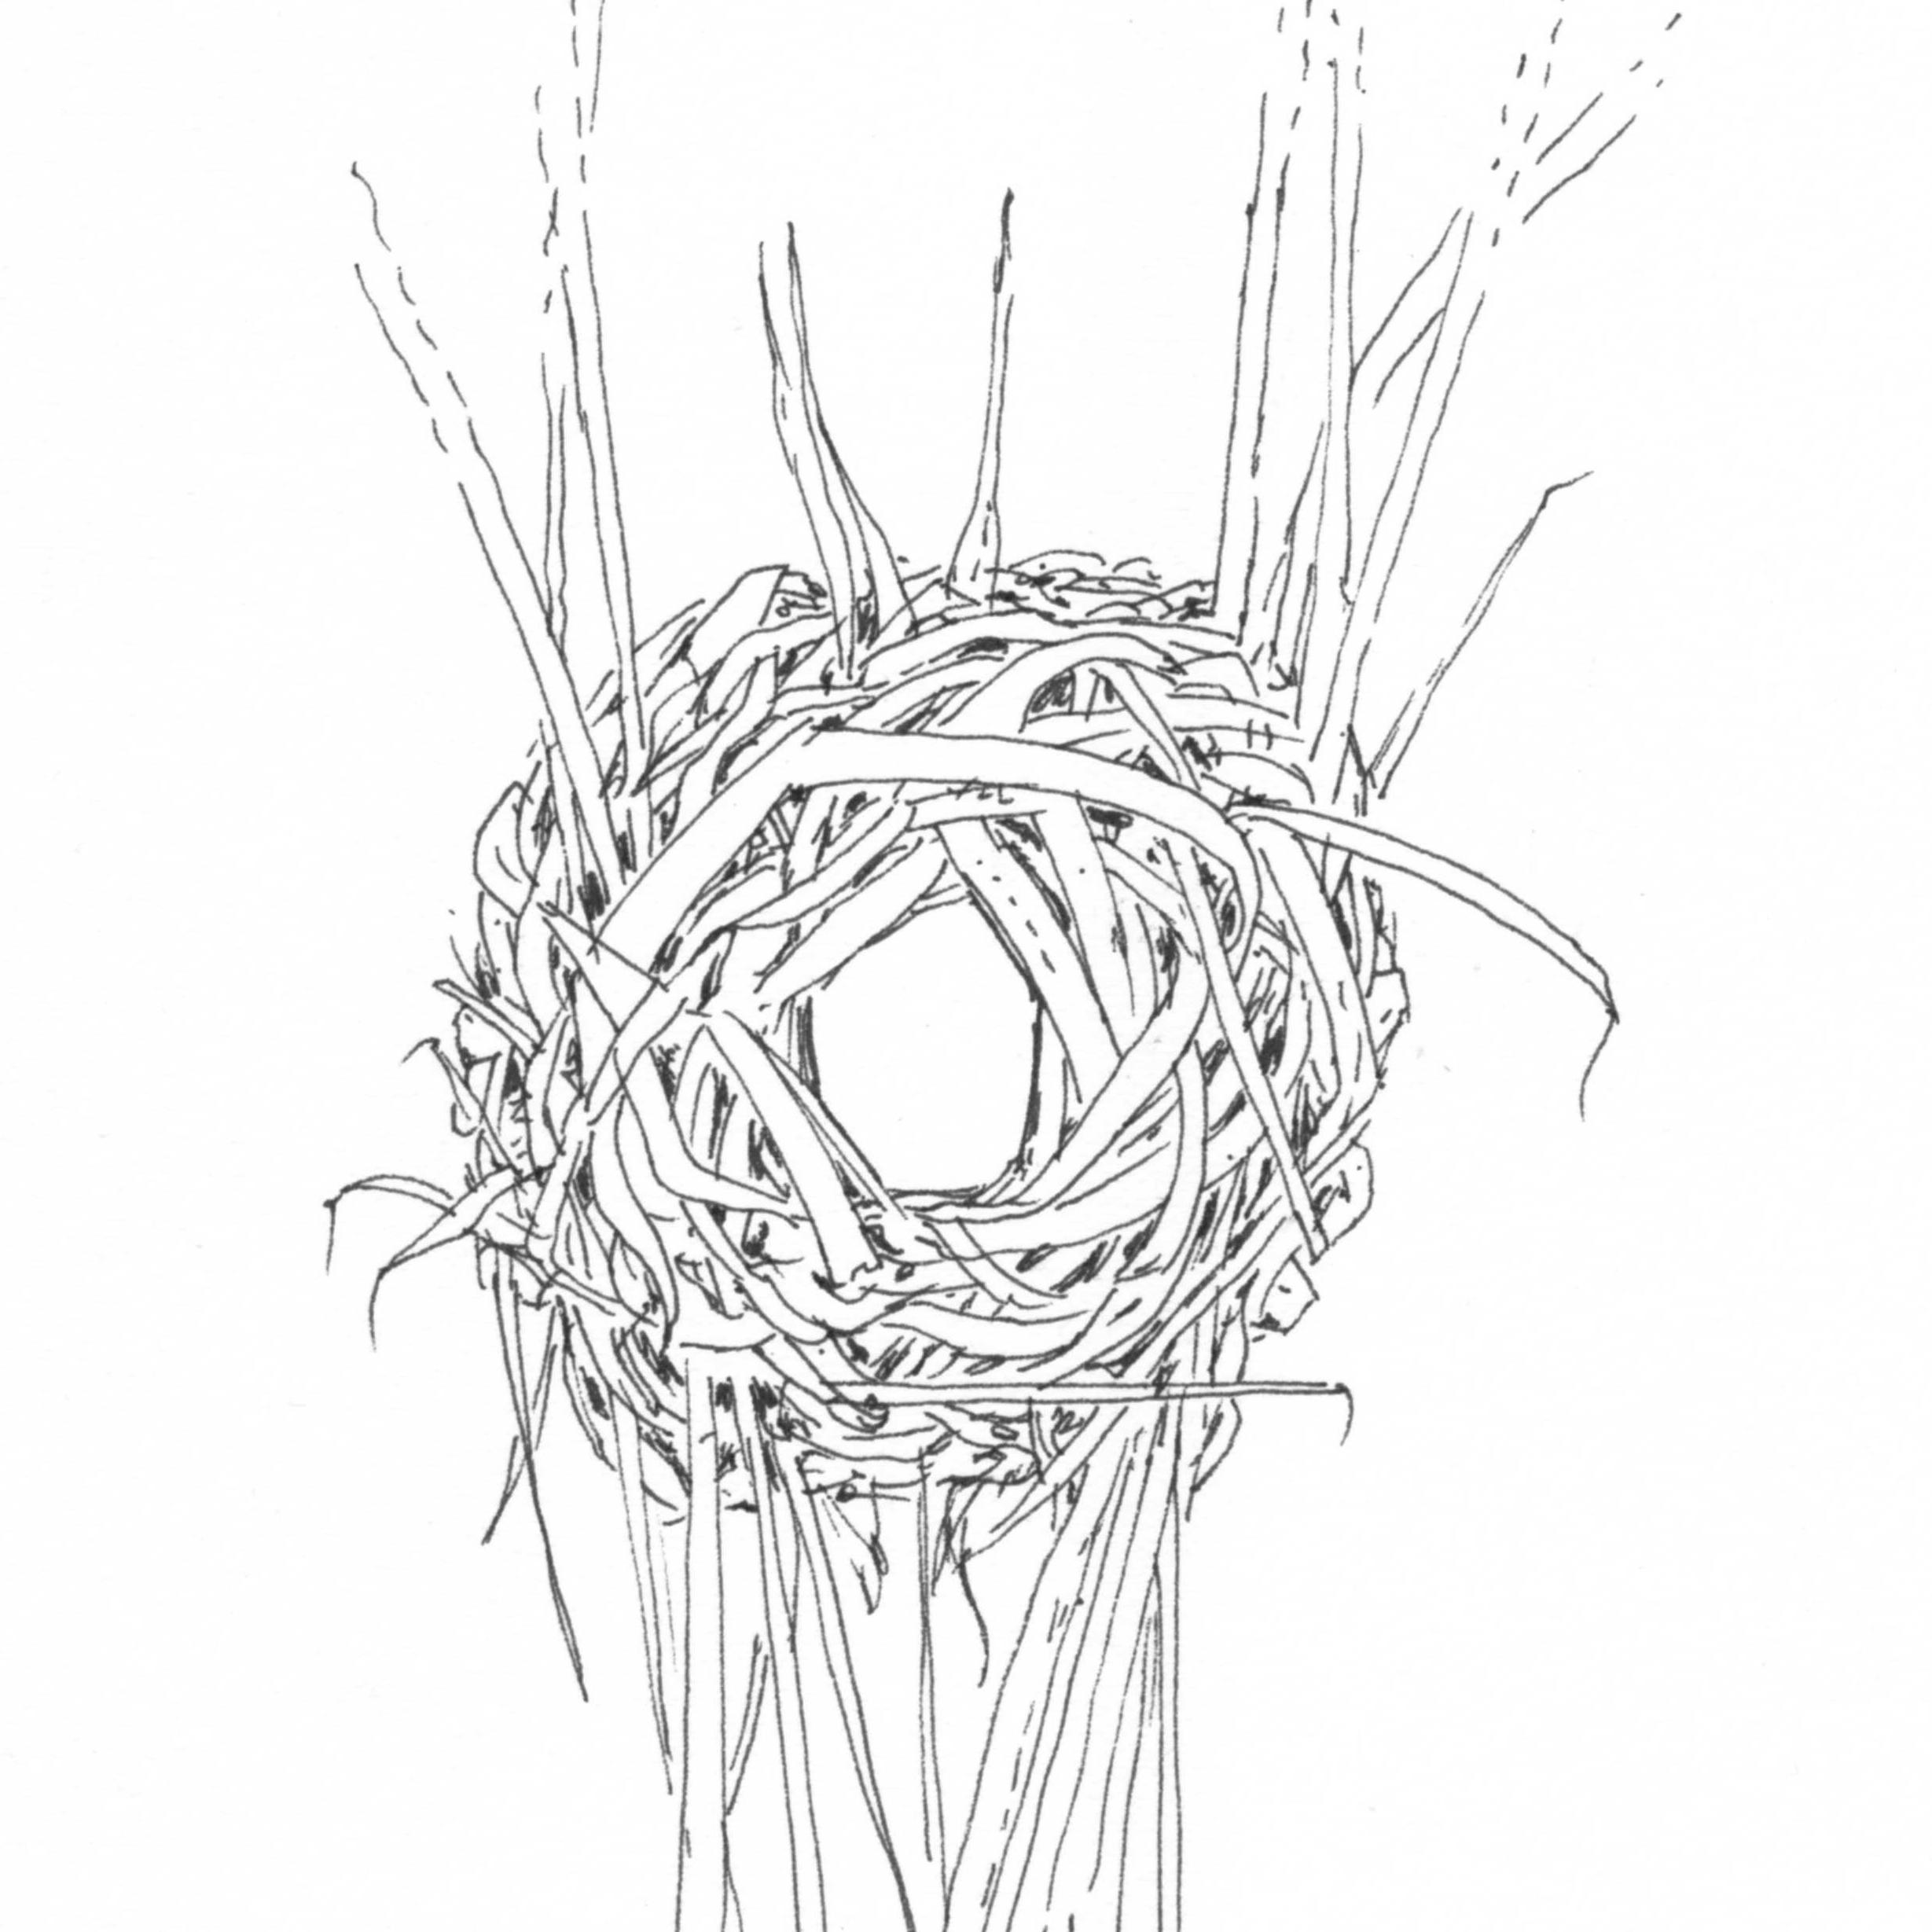 Sedge wren nest black&white.jpg